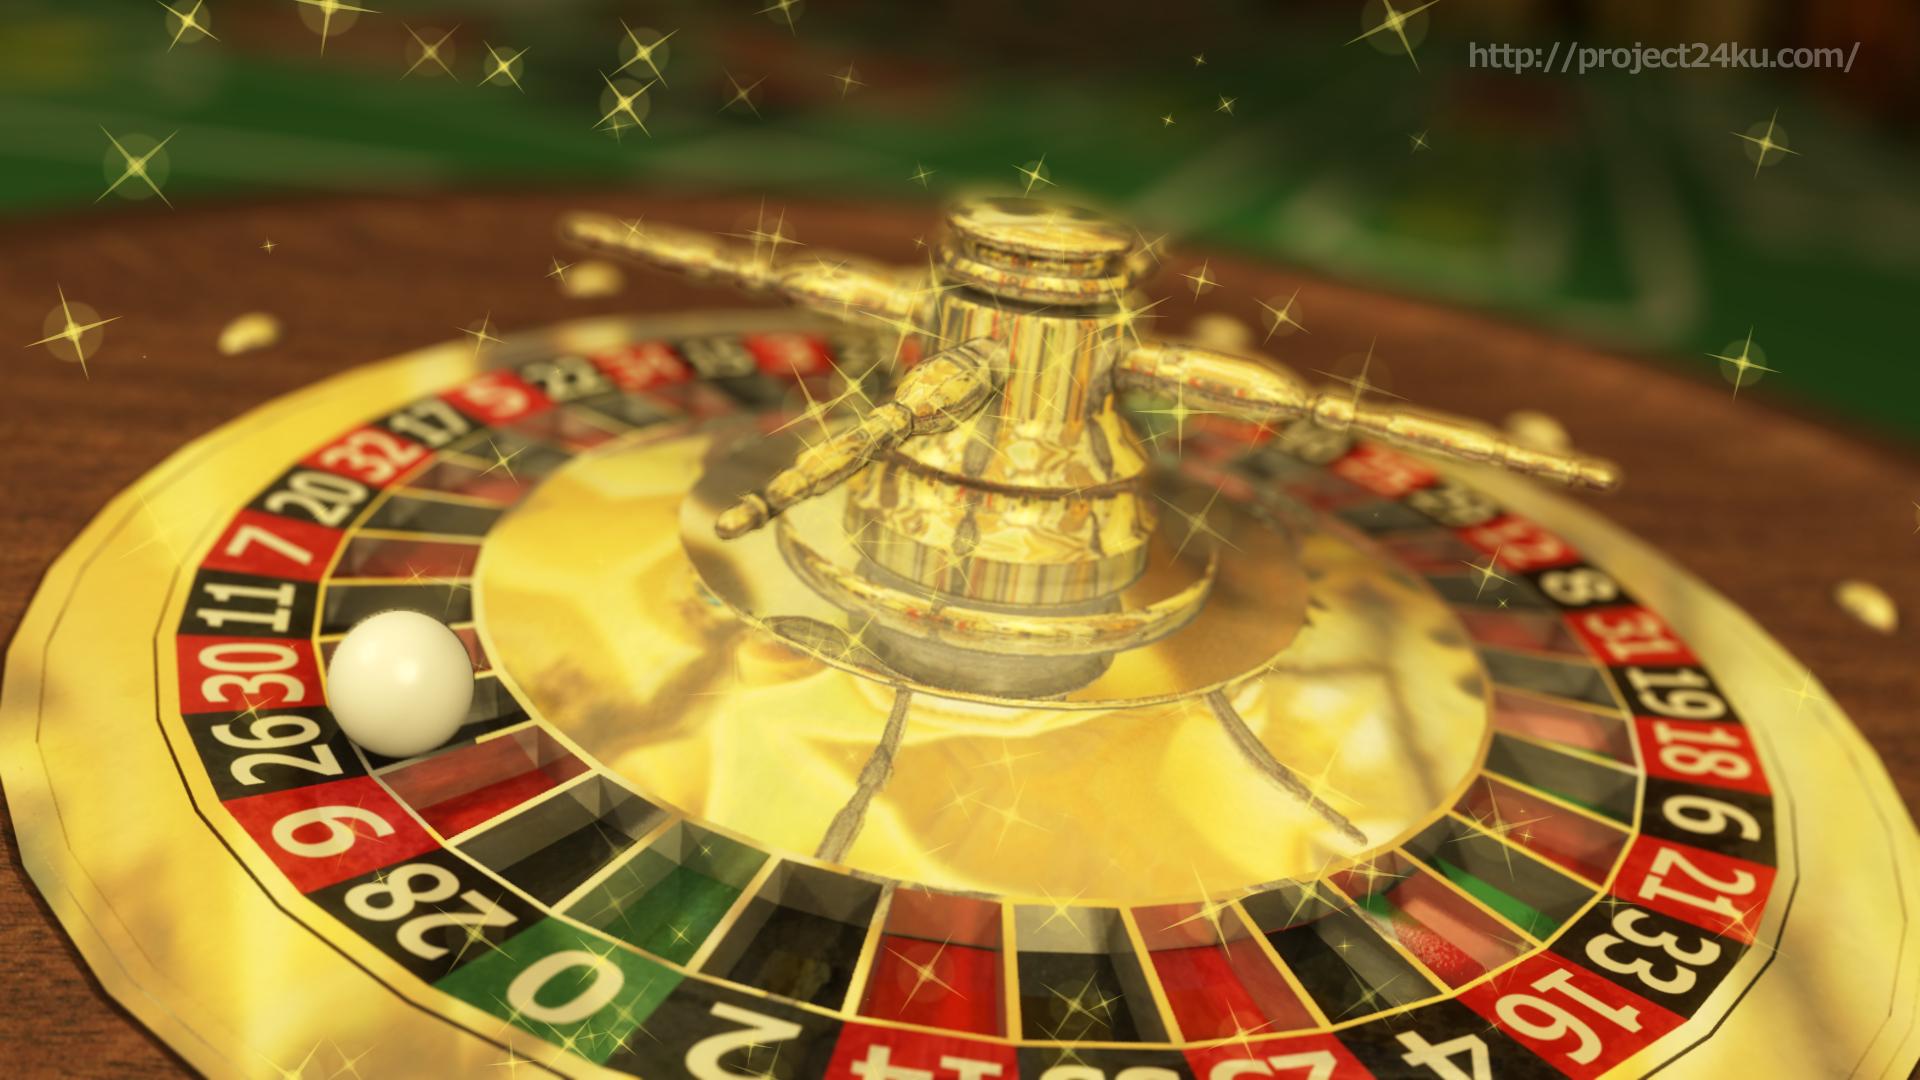 Олімпія казино на ливарний Віртуальне казино онлайн, грати безкоштовно